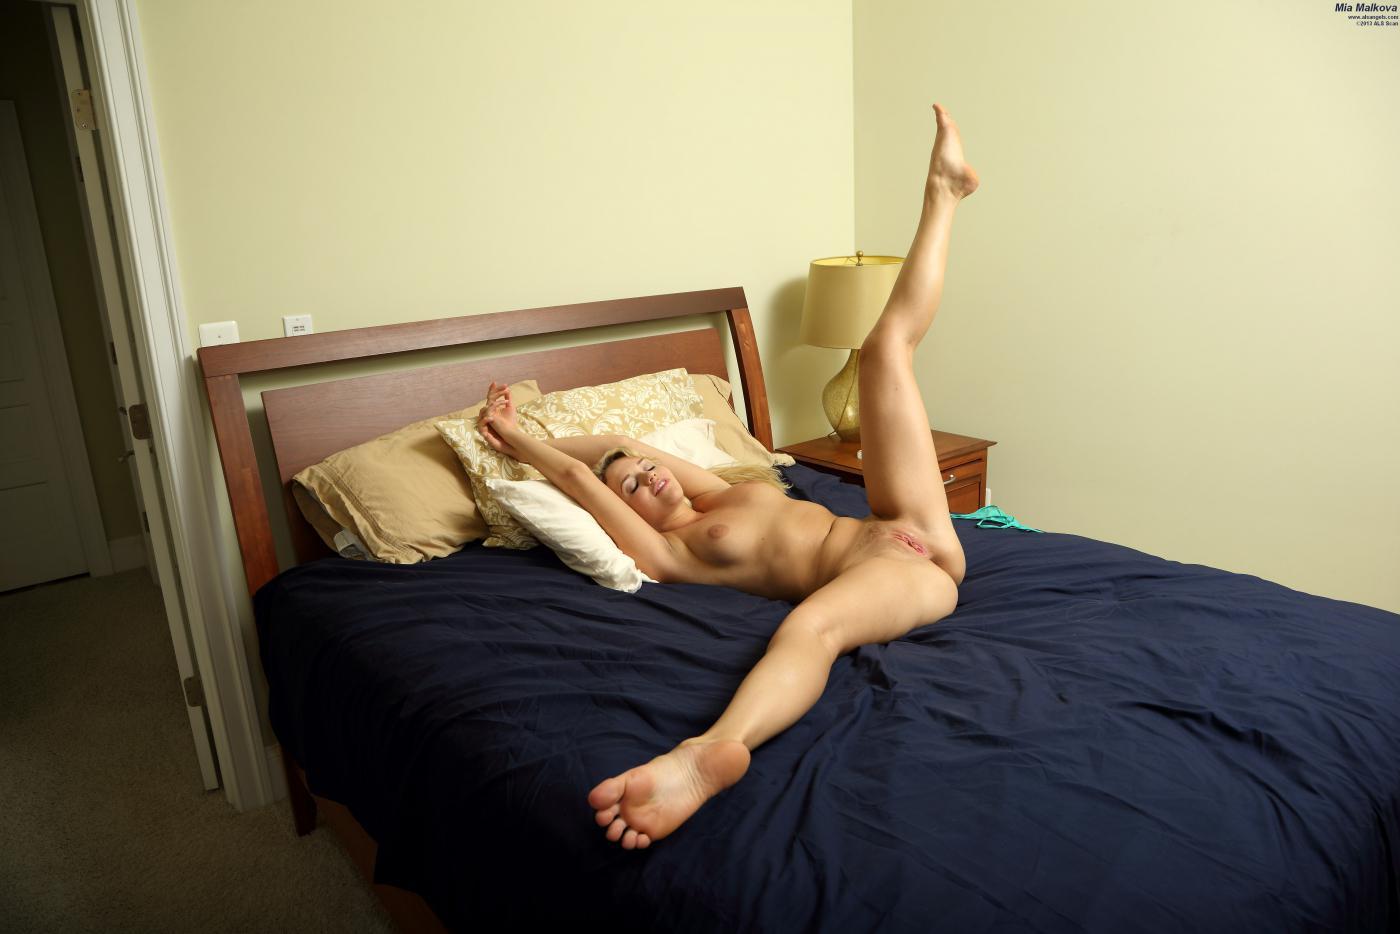 Фантастическая блондинка Mia Malkova показывает, какая она гибкая и как она жаждет ебать себя игрушкой